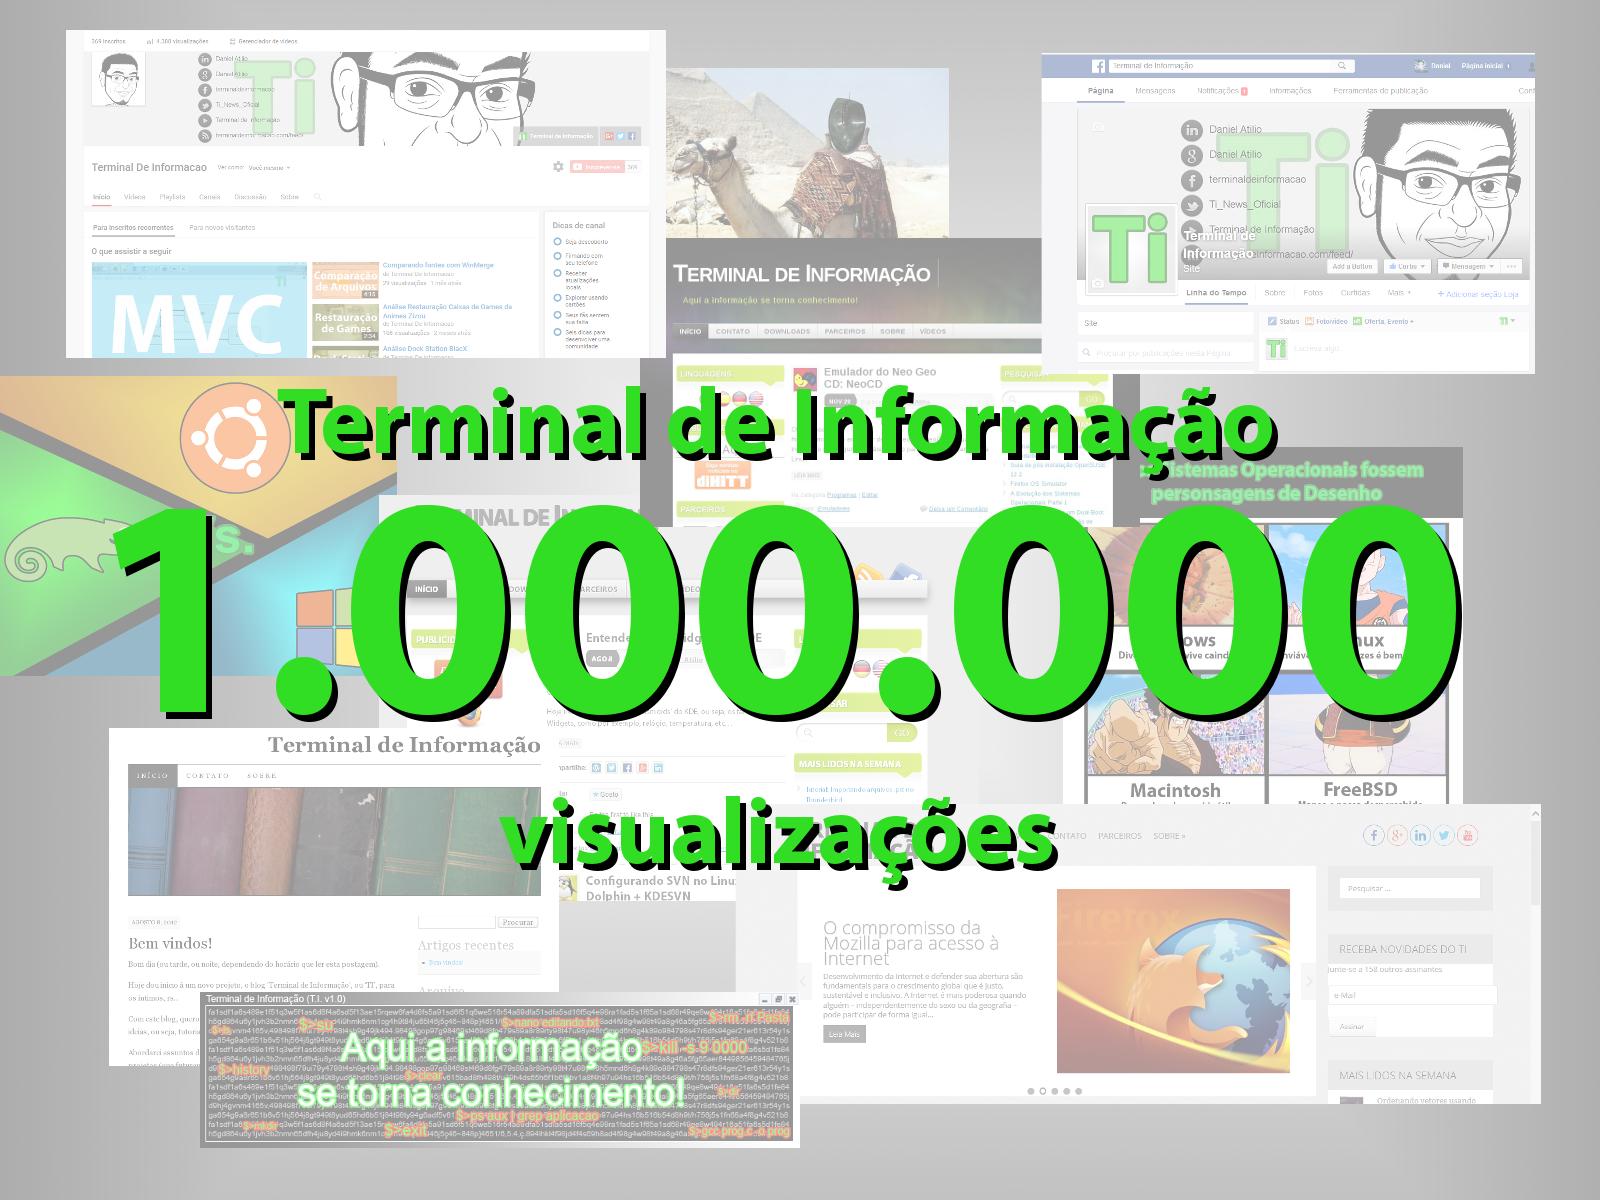 1.000.000 de Visualizações